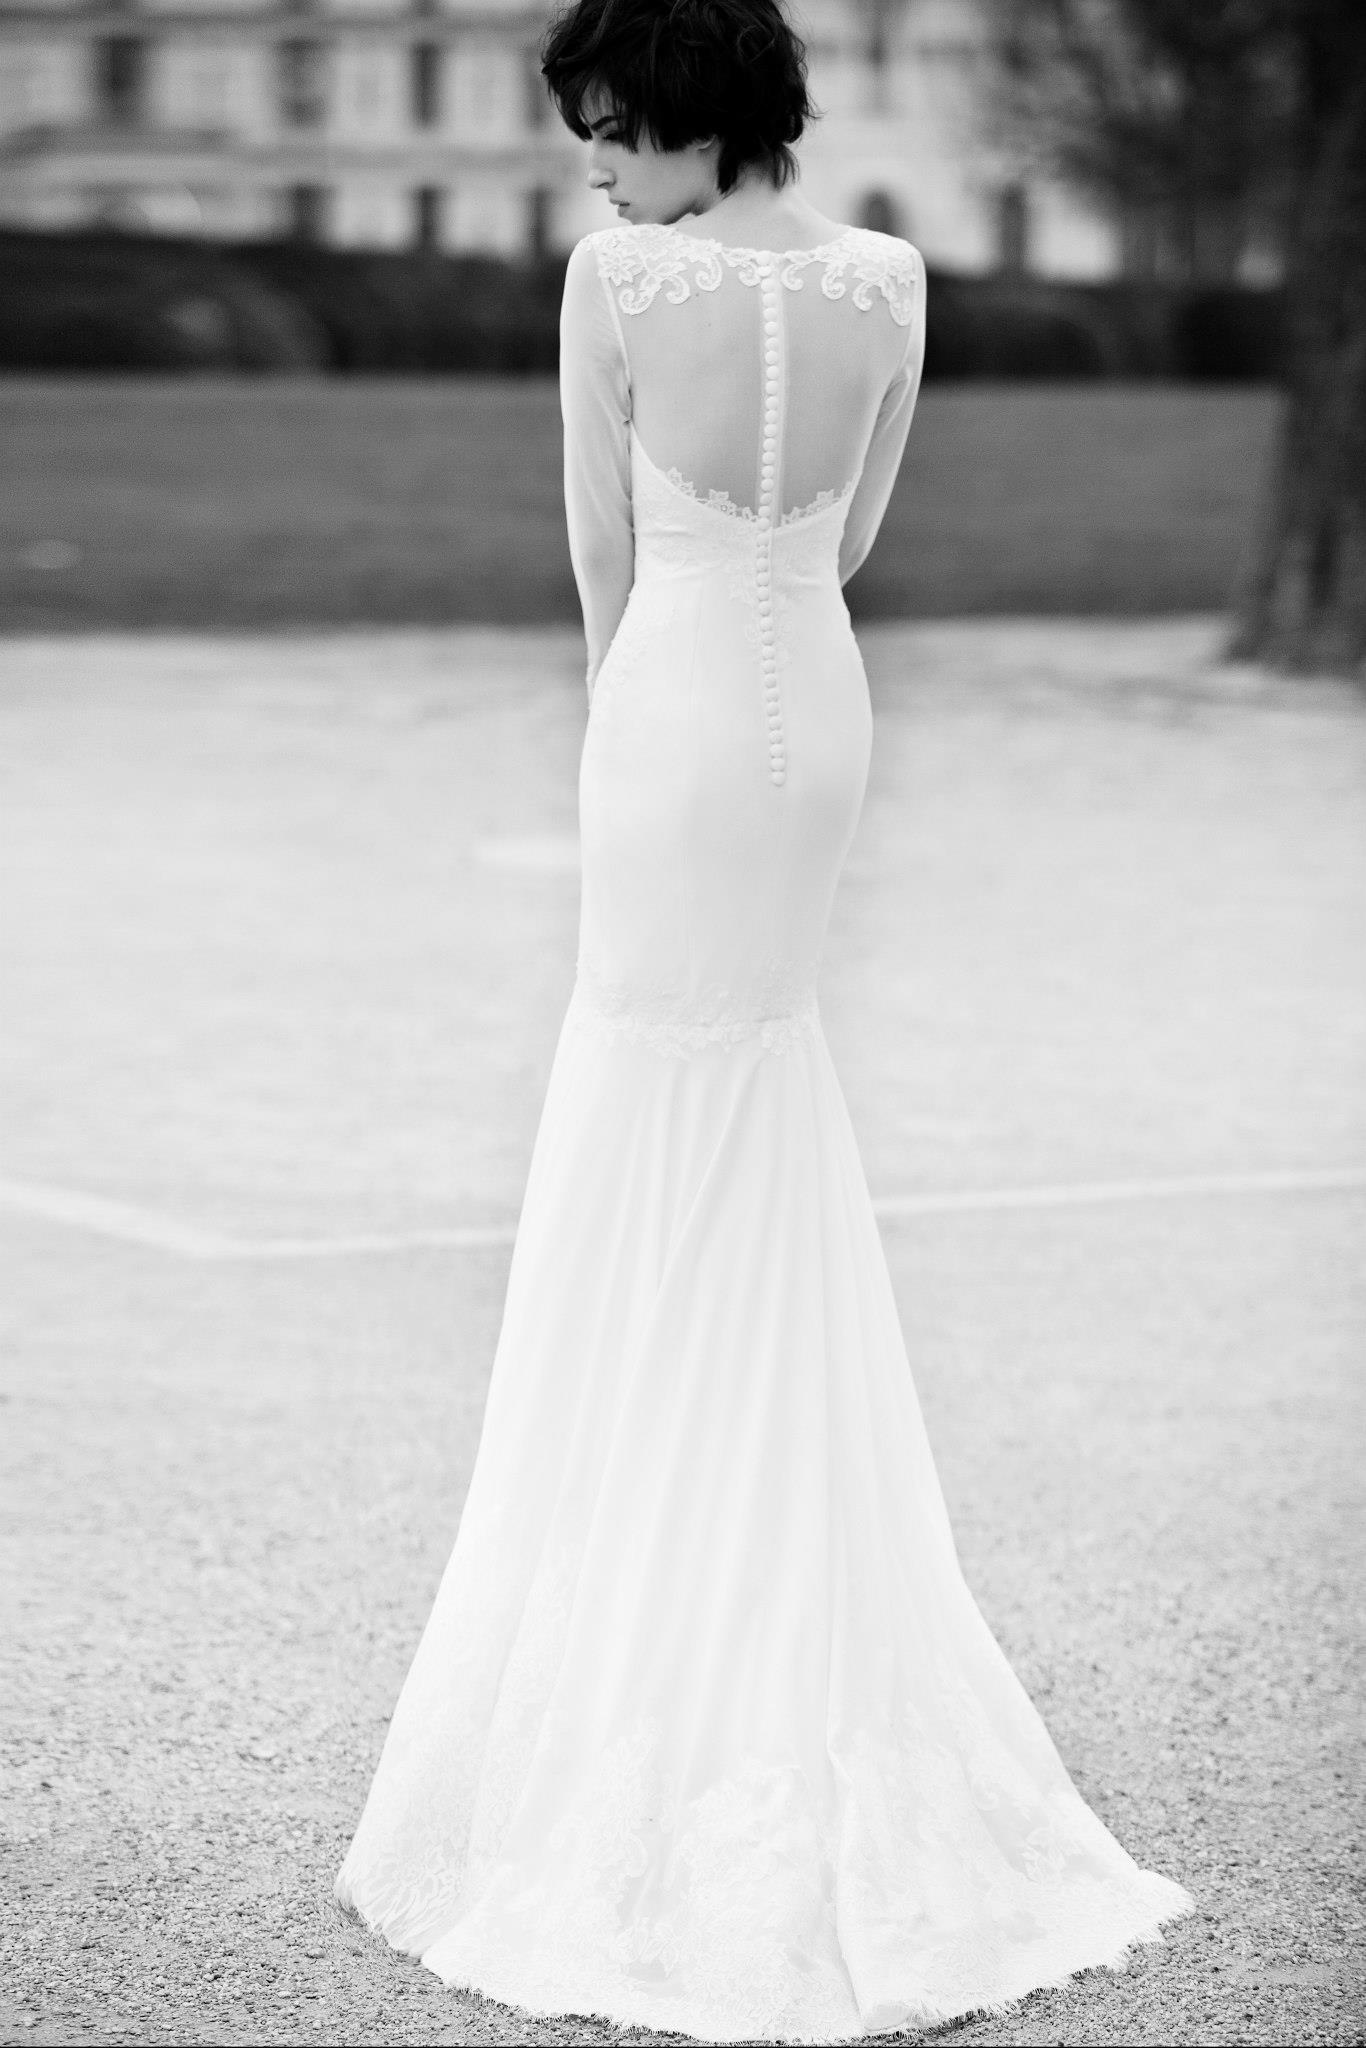 berta_bridal_bellanaija_weddings_bn_bridal_13